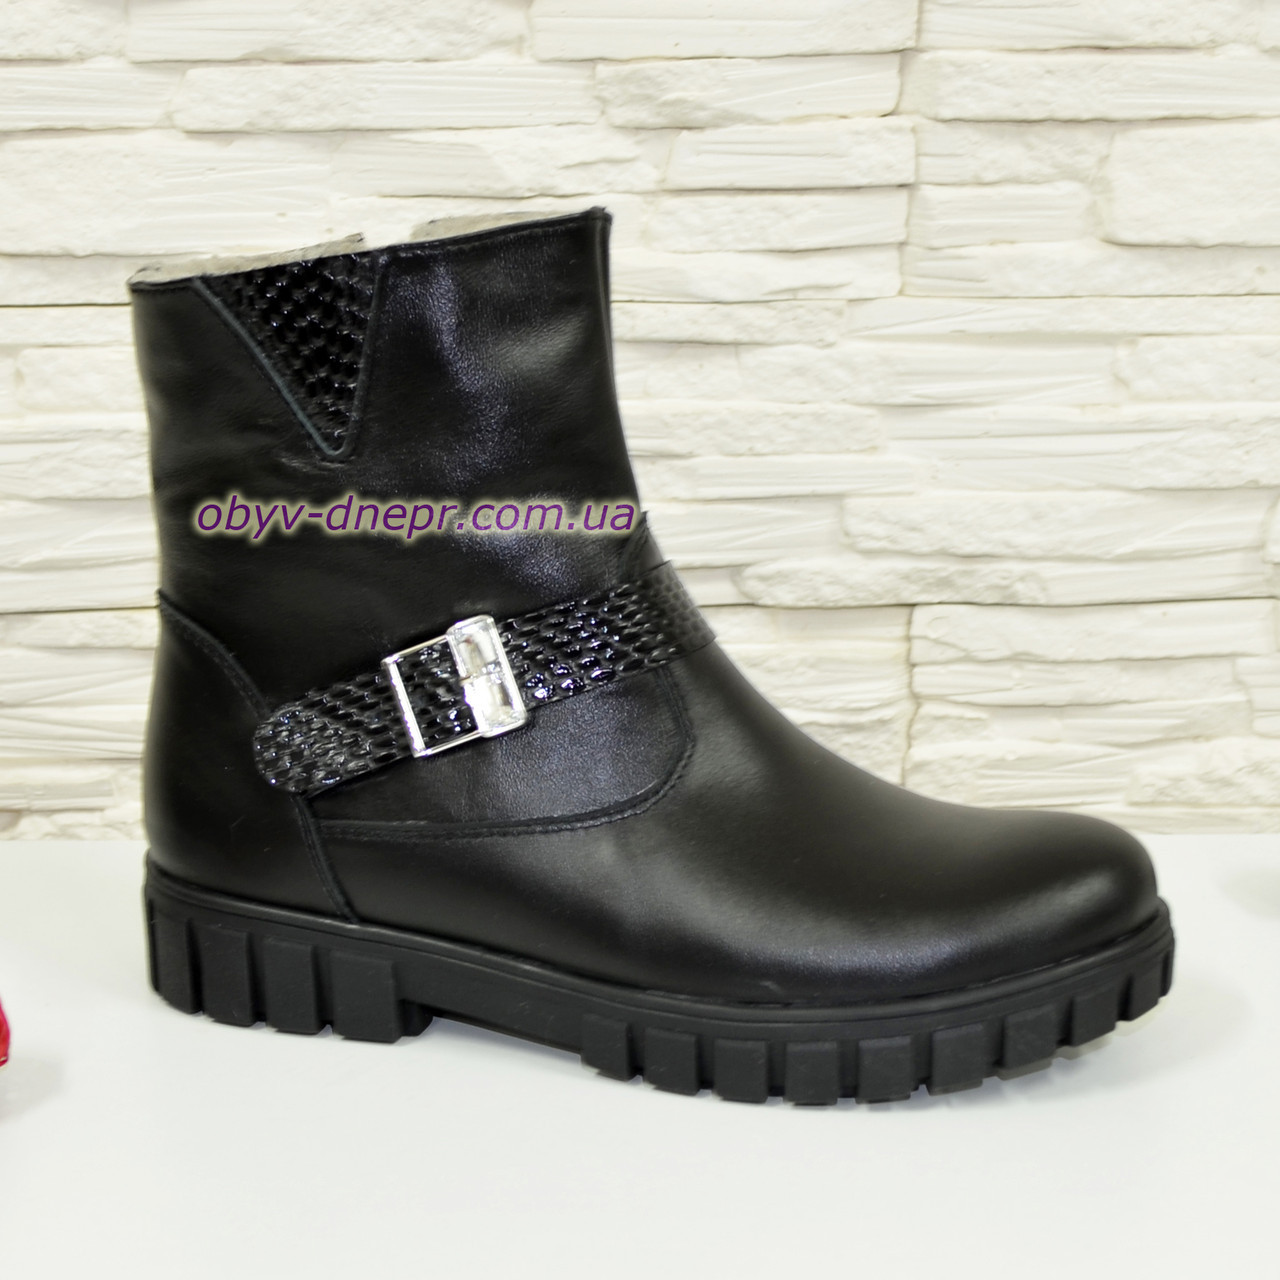 Ботинки кожаные подростковые на утолщённой подошве. Цвет черный.